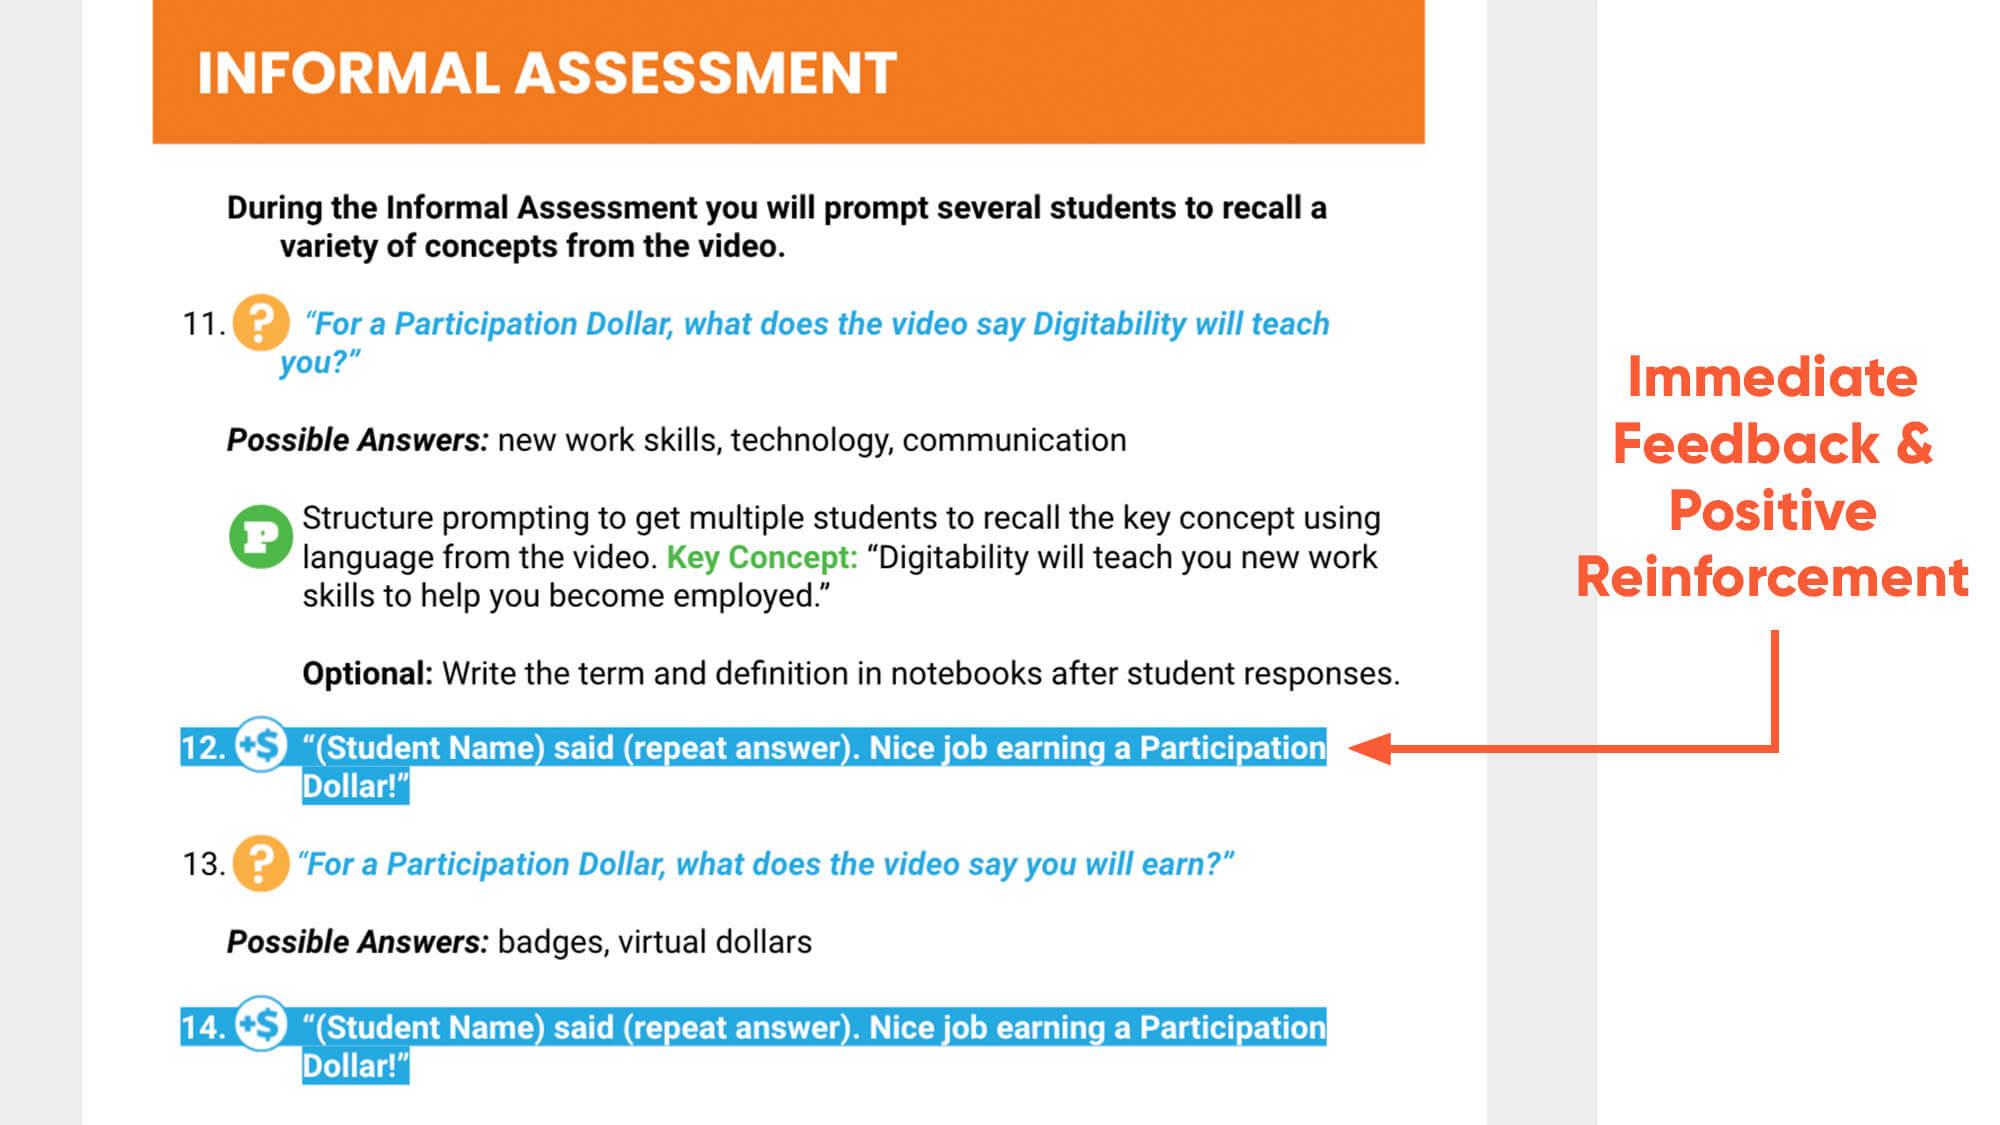 2021 immediate-feedback-reinforcement-informal-assessment